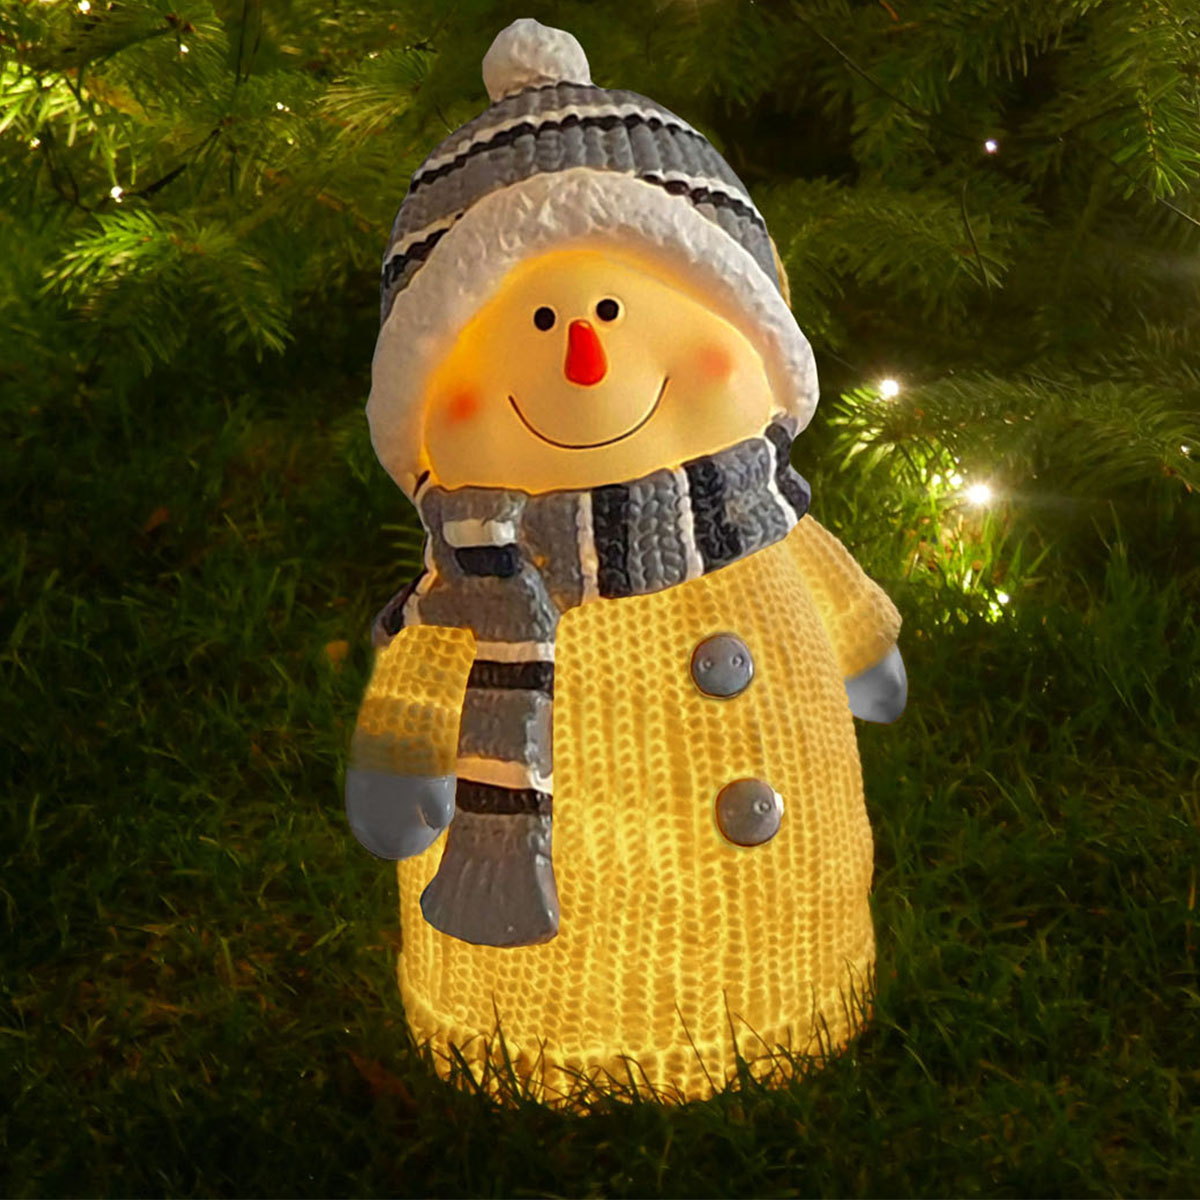 Schneemann mit LED-Beleuchtung Image